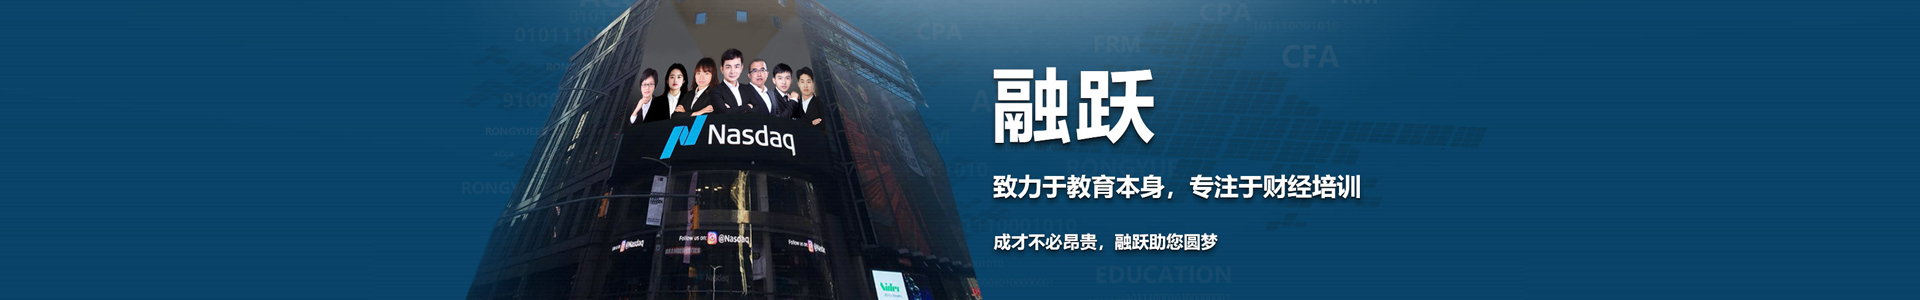 杭州融跃金融教育